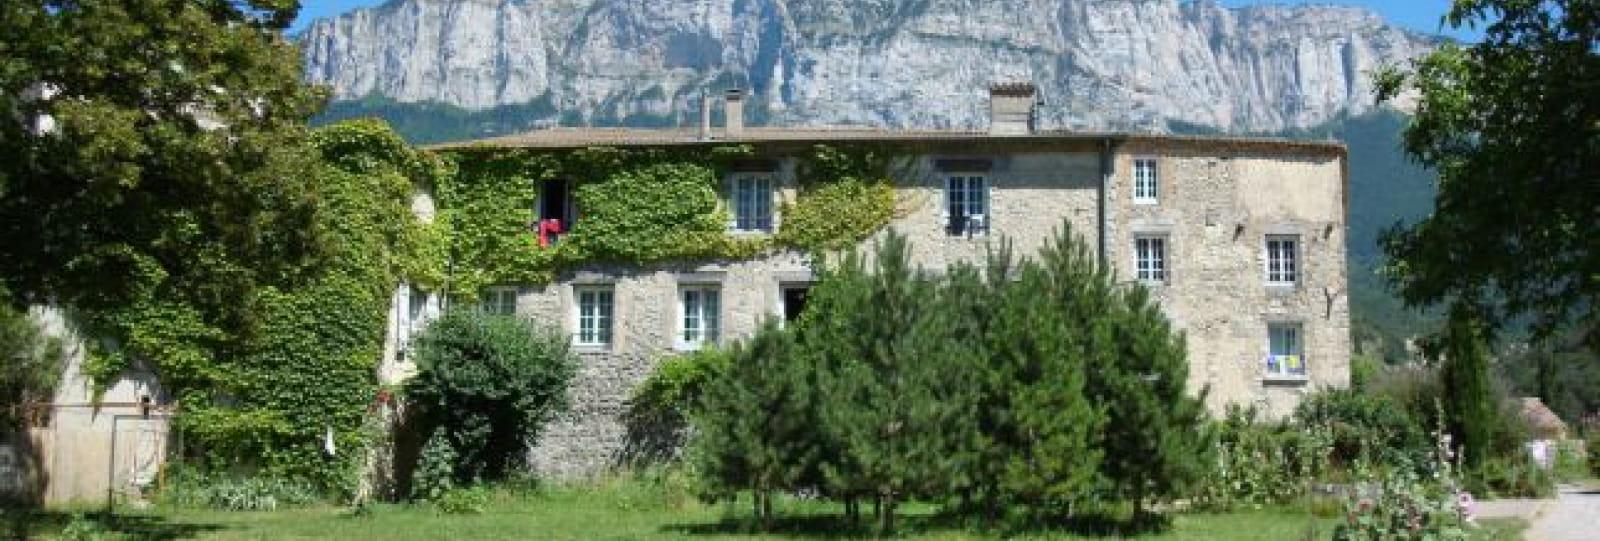 La Bastide des Hautes Roches